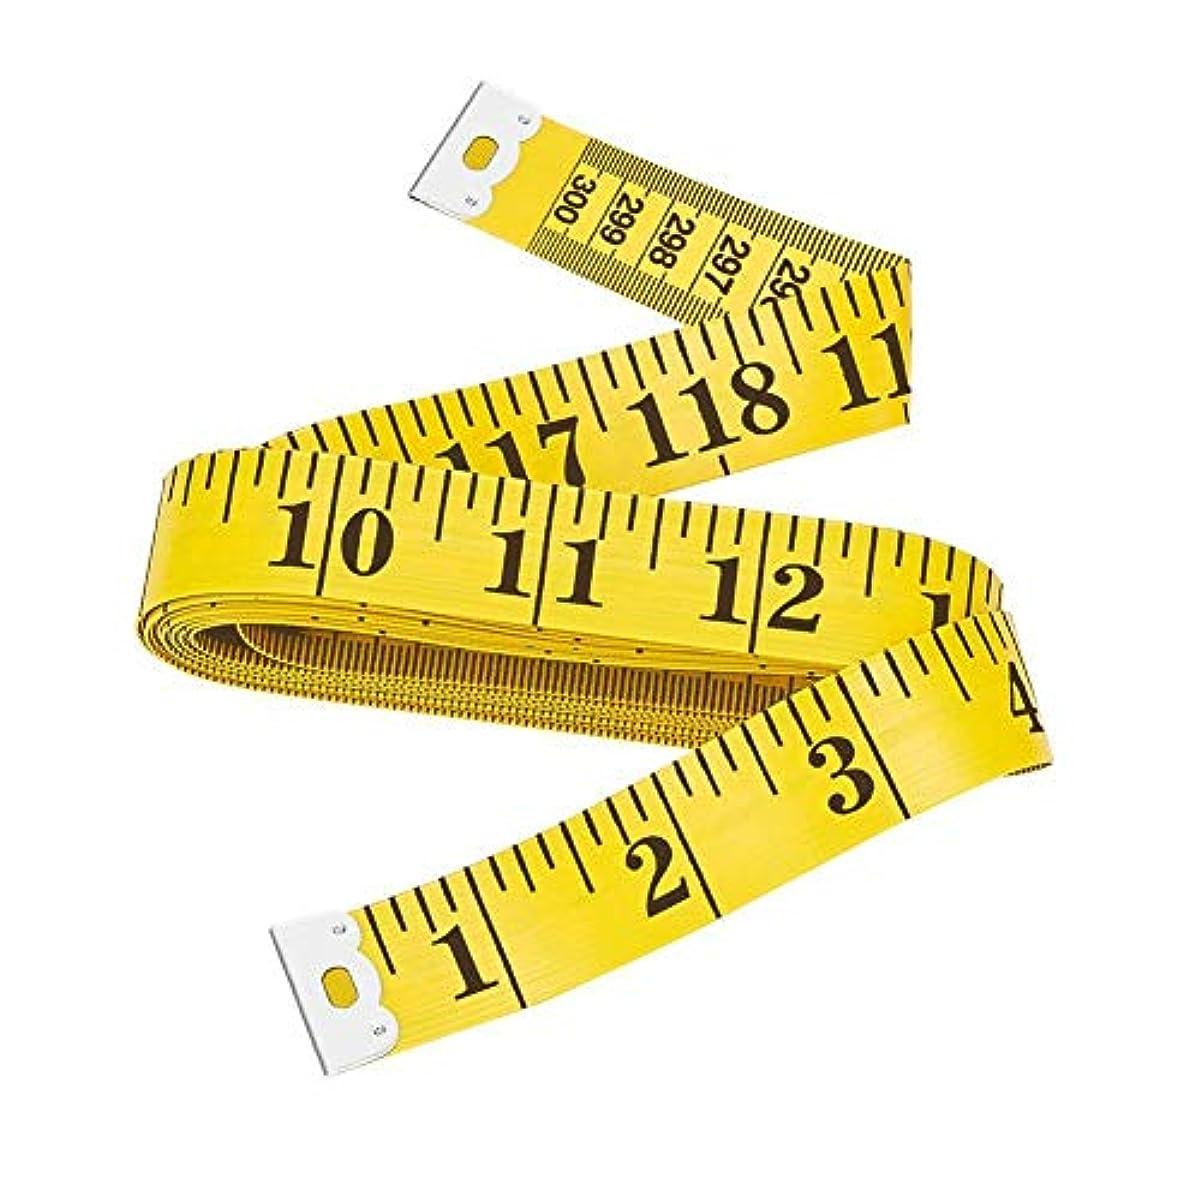 逃れる絶滅近々Sherry29 テープメジャー ソフト巻尺 ガラス繊維 300cm/120inch 両面印刷 テーラー縫製 物差し サイズ測定用 3m 1本 イエロー